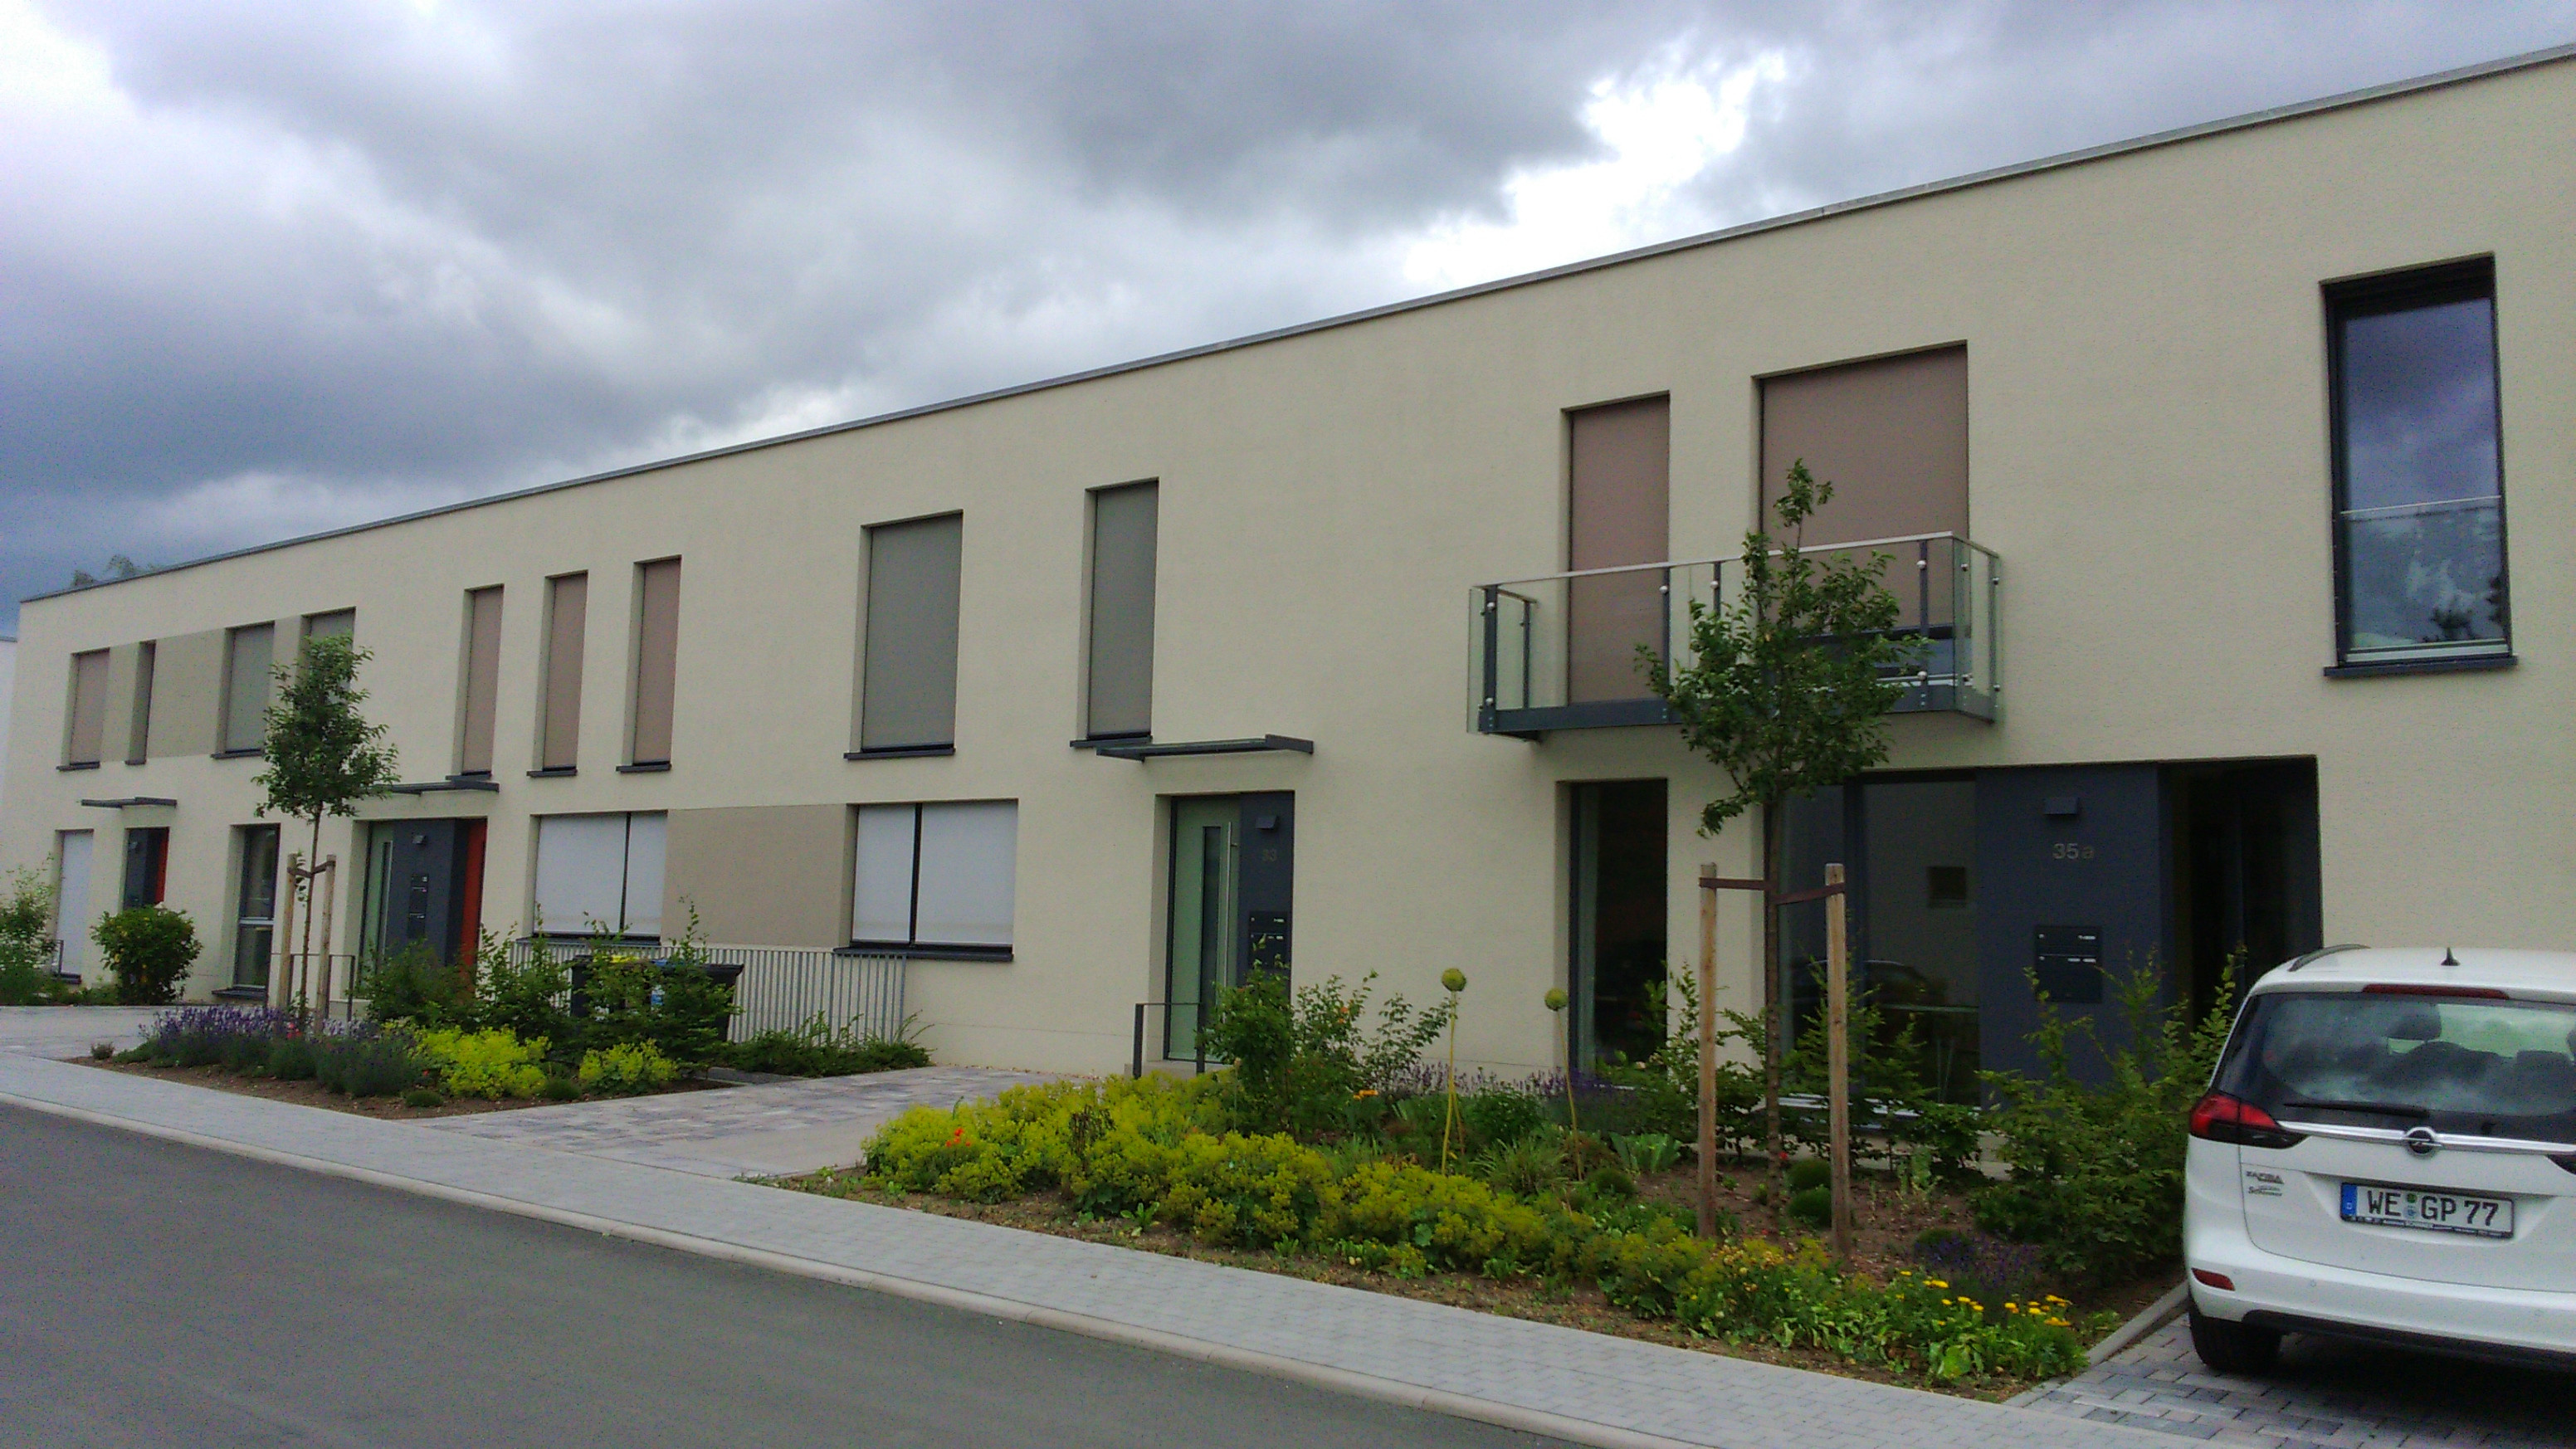 Wohnungen Weimar  Wohnanlage Am Schießhaus 29 35 6 Wohnungen · Weimar